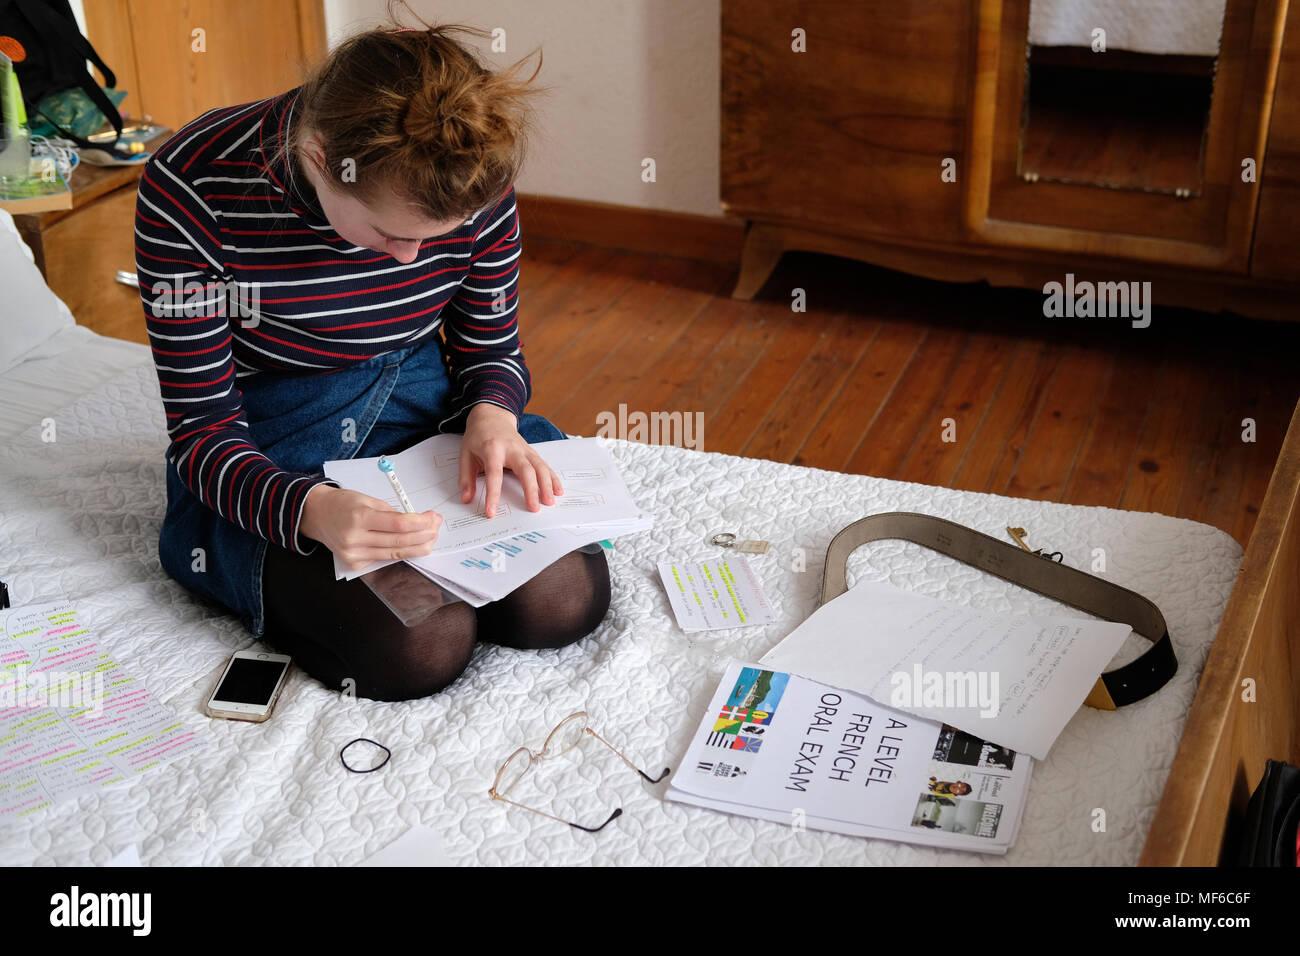 Ein 17-jähriges Mädchen old Studieren für einen ebenen in Ihr Schlafzimmer. Stockfoto